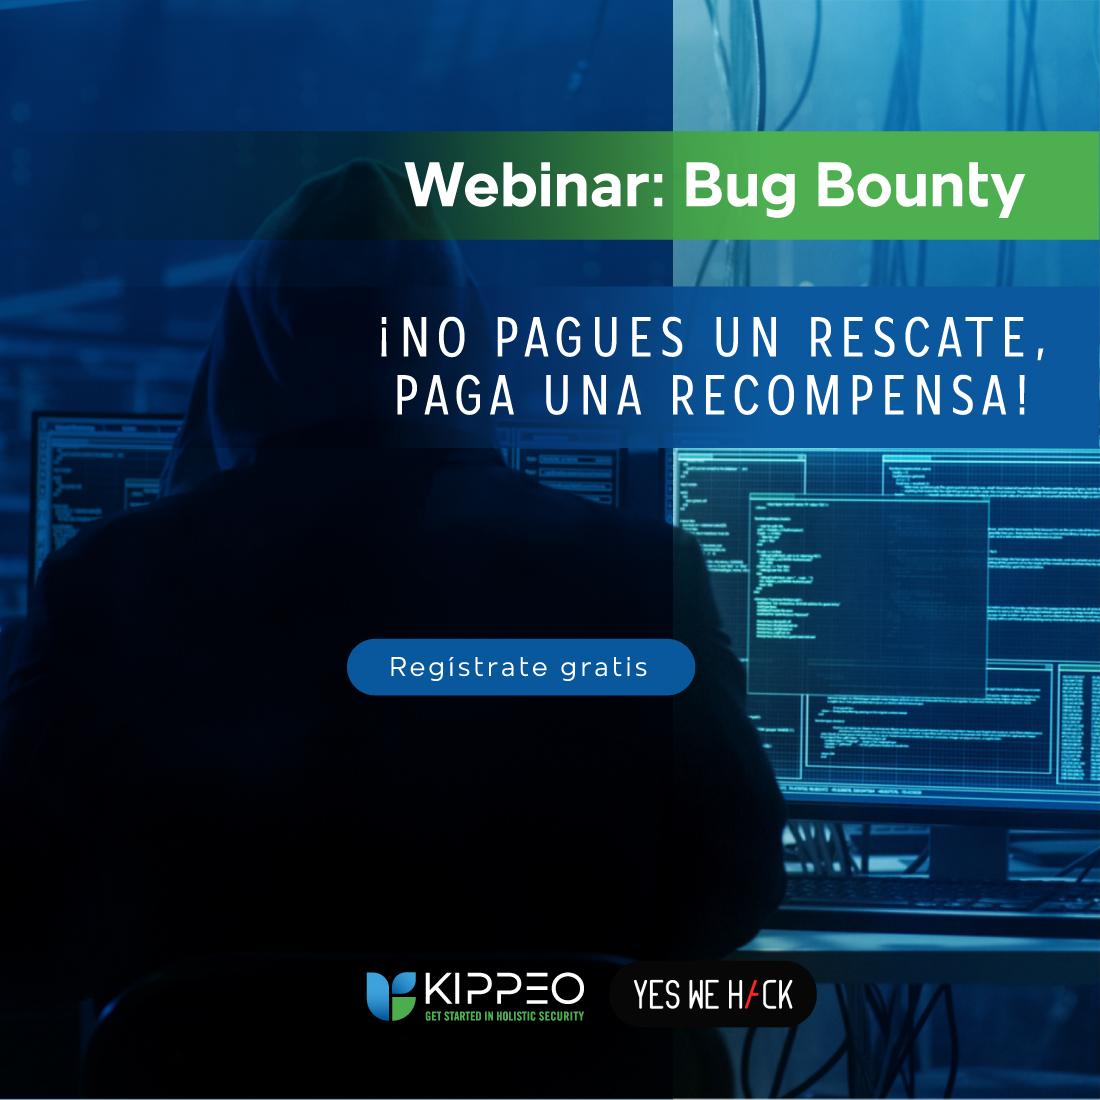 webinar : bug bounty Kippeo and yeswehack